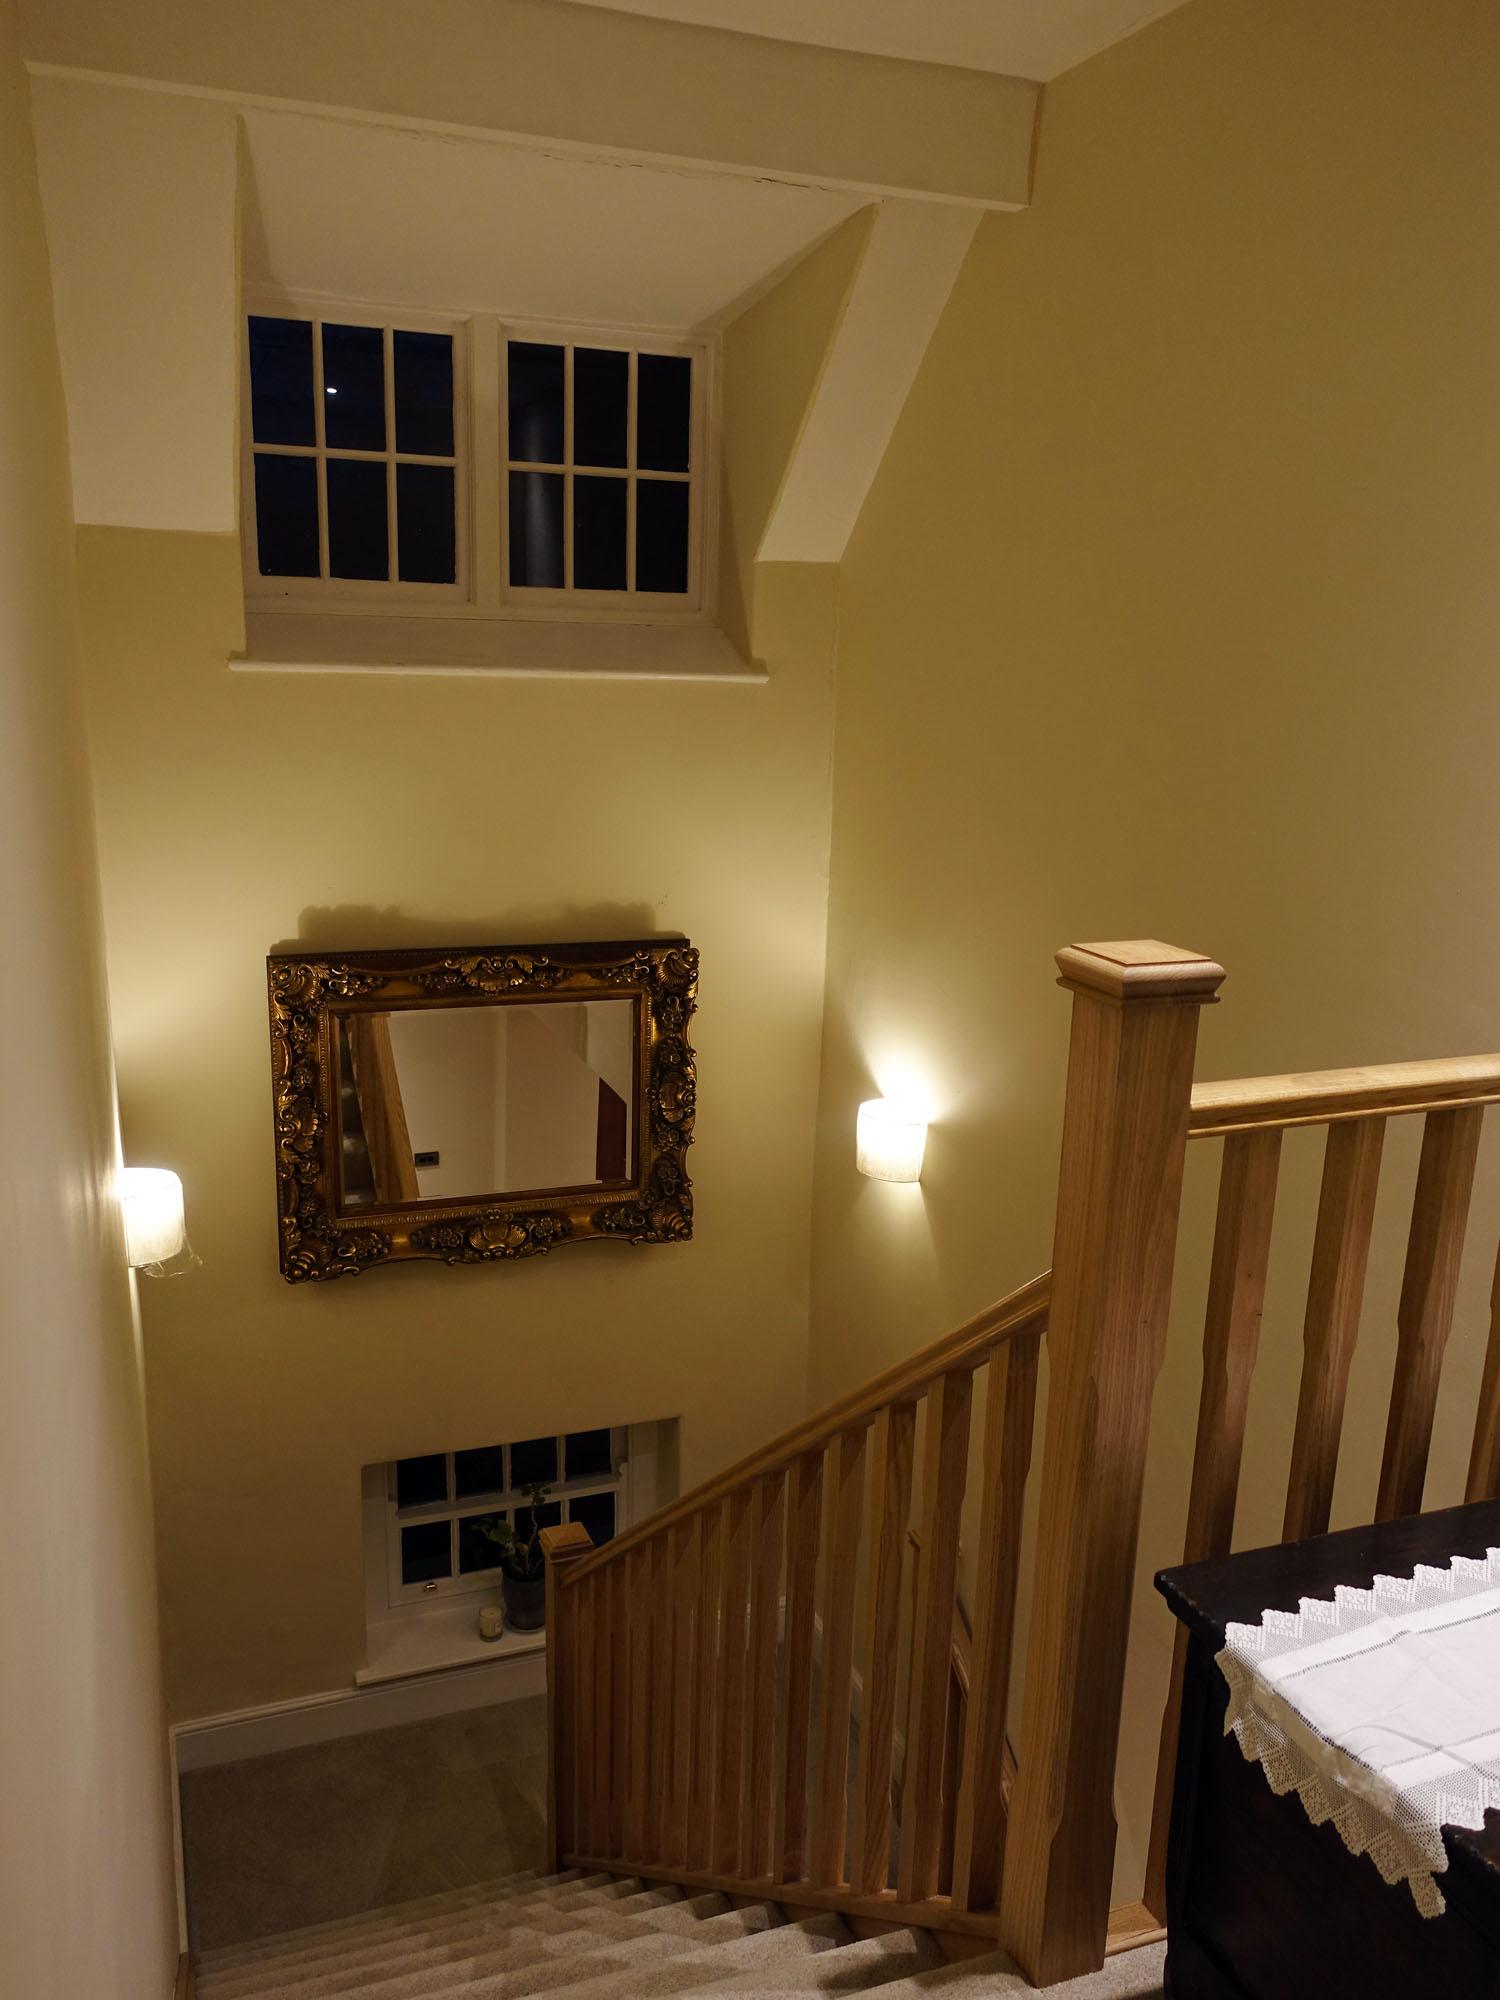 Niven - Kennelwood Cottages Interior 3.jpg